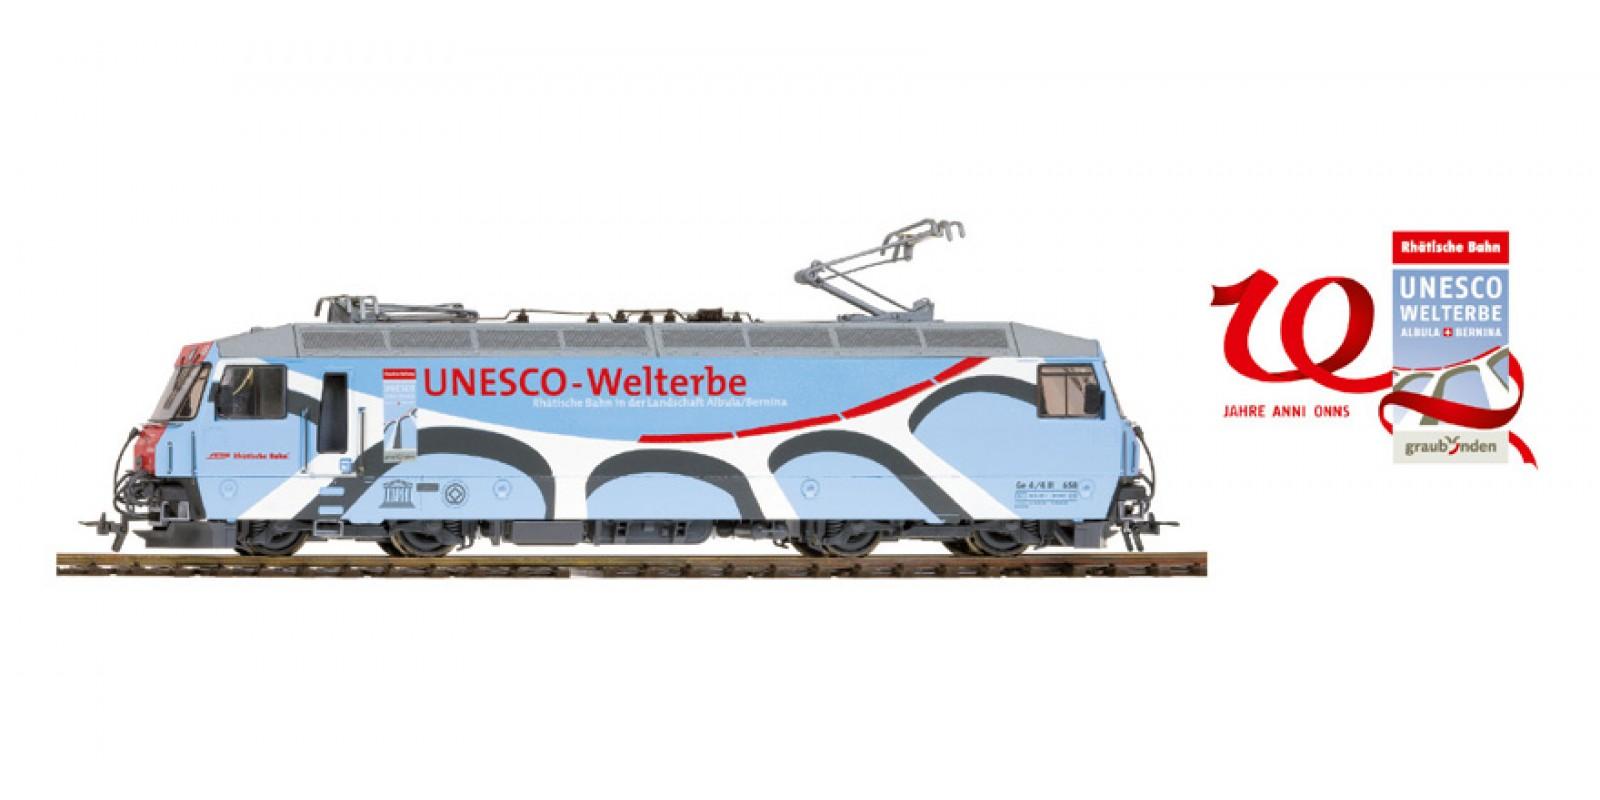 BM1459130  Ge 4/4 III 650 UNESCO-Welterbe